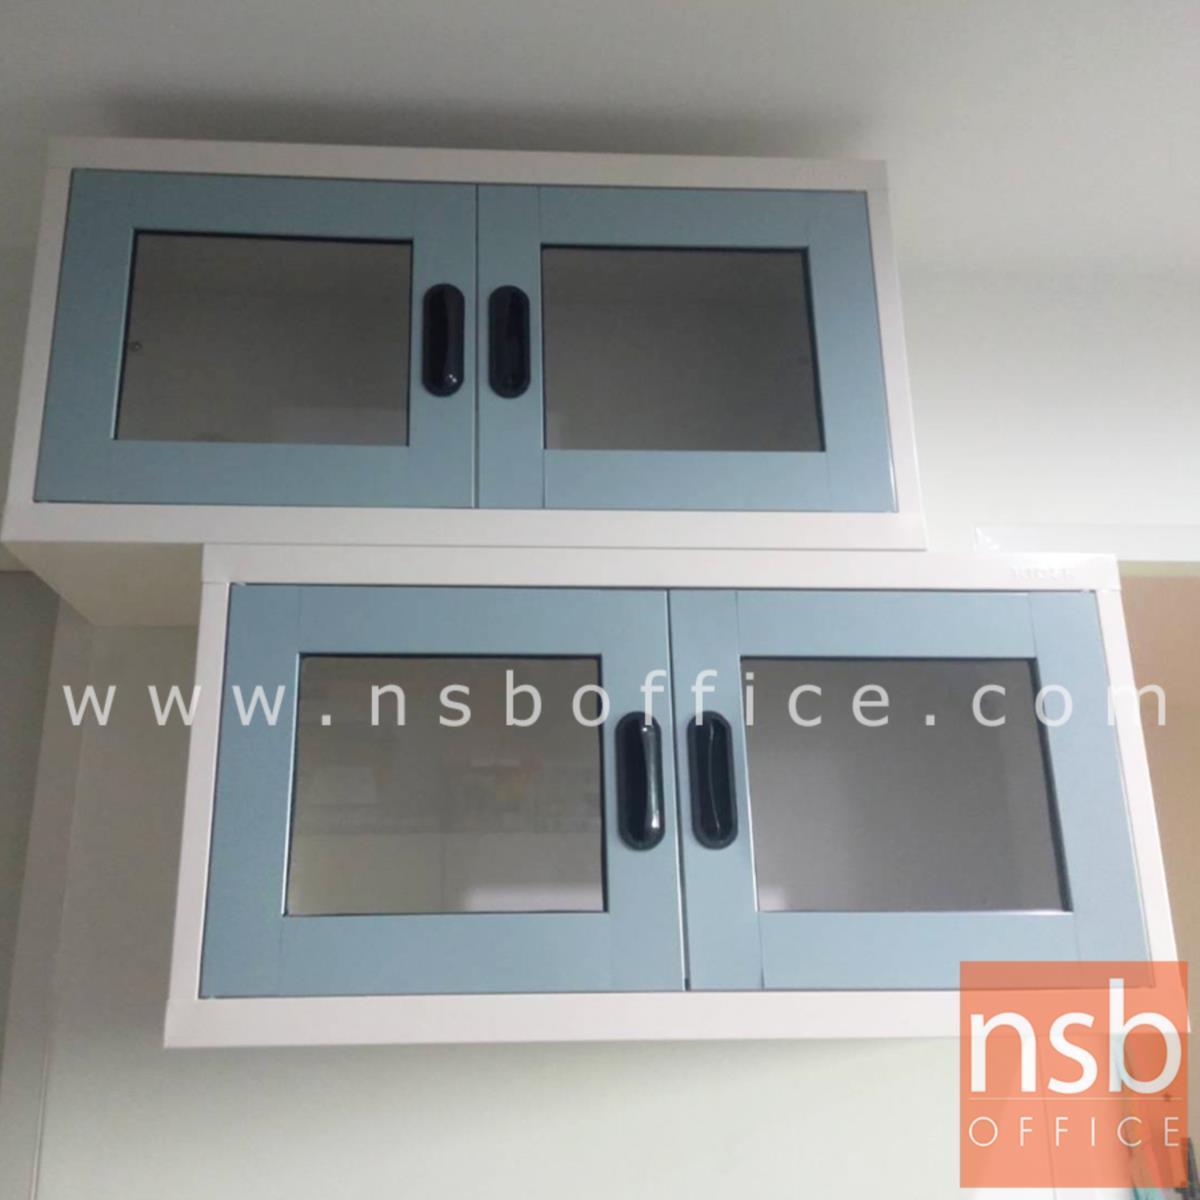 ตู้เหล็กแขวนลอย 2 บานเปิดกระจก  รุ่น MAX-012 ขนาด 88W*44H cm.